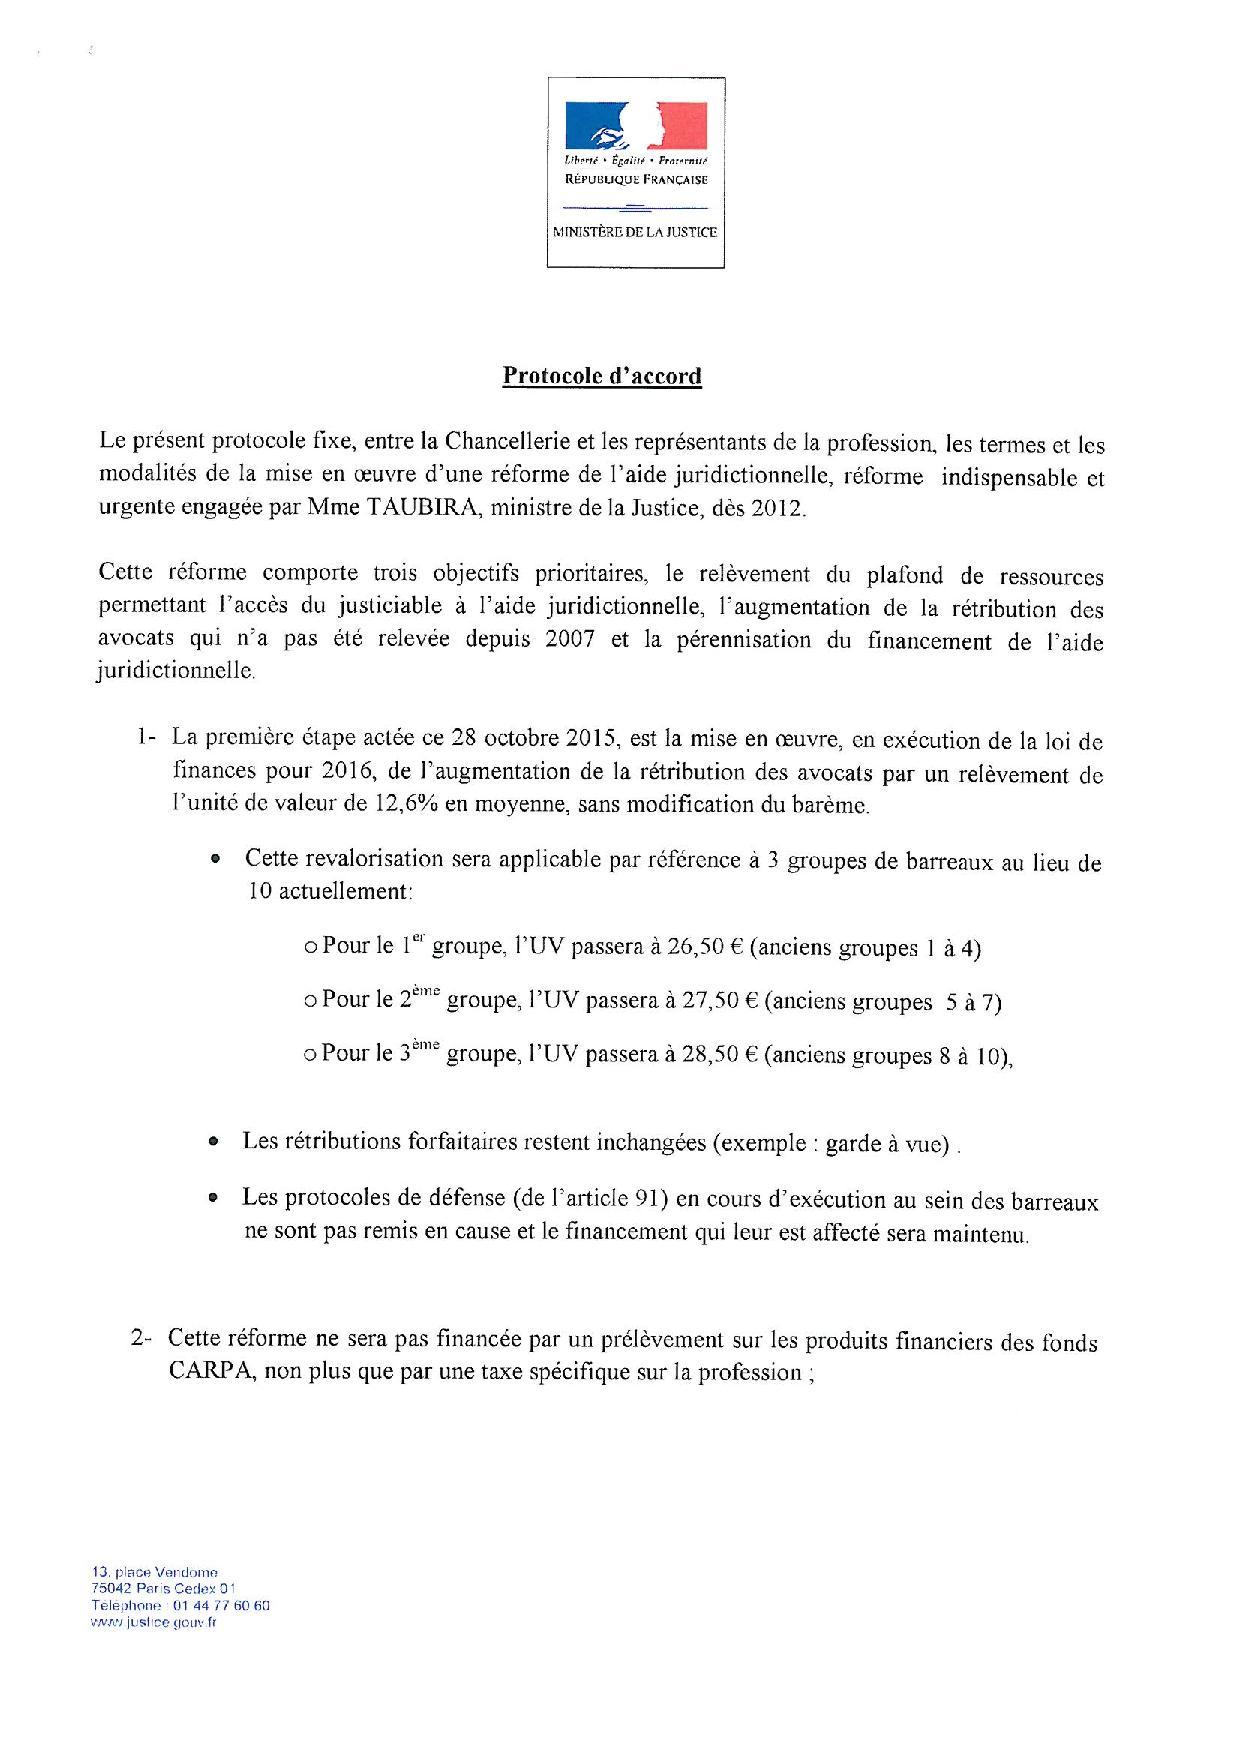 Le protocole d'accord sur l'aide juridictionnelle